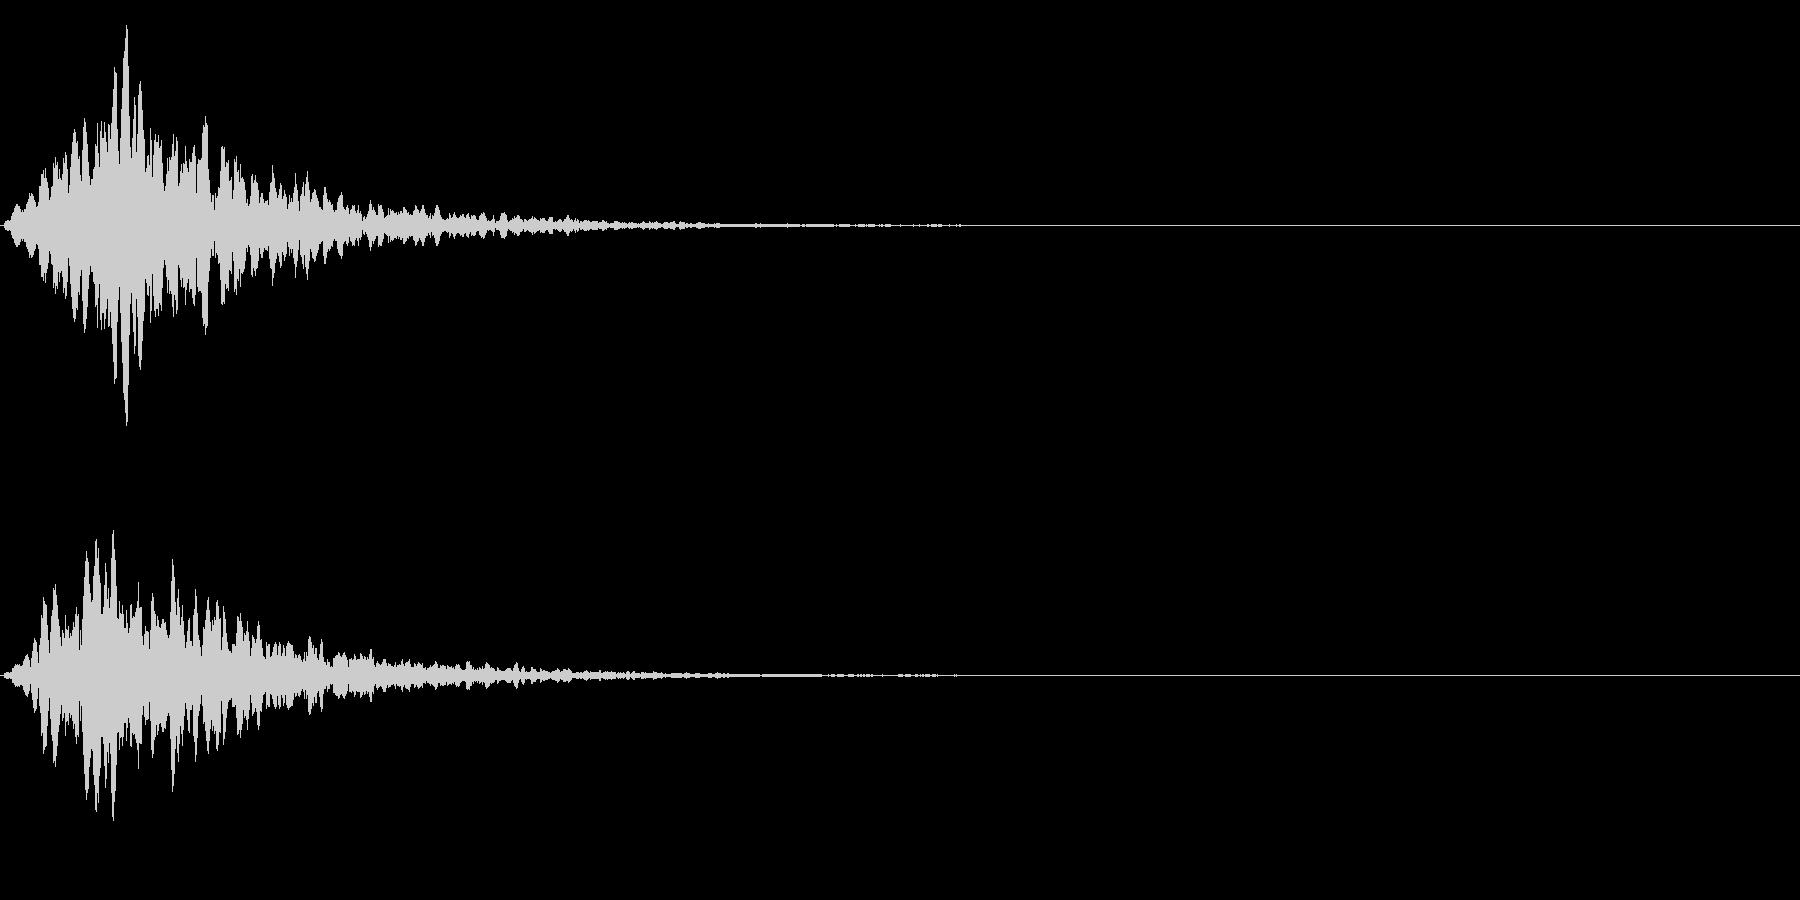 ゲームスタート、決定、ボタン音-076の未再生の波形